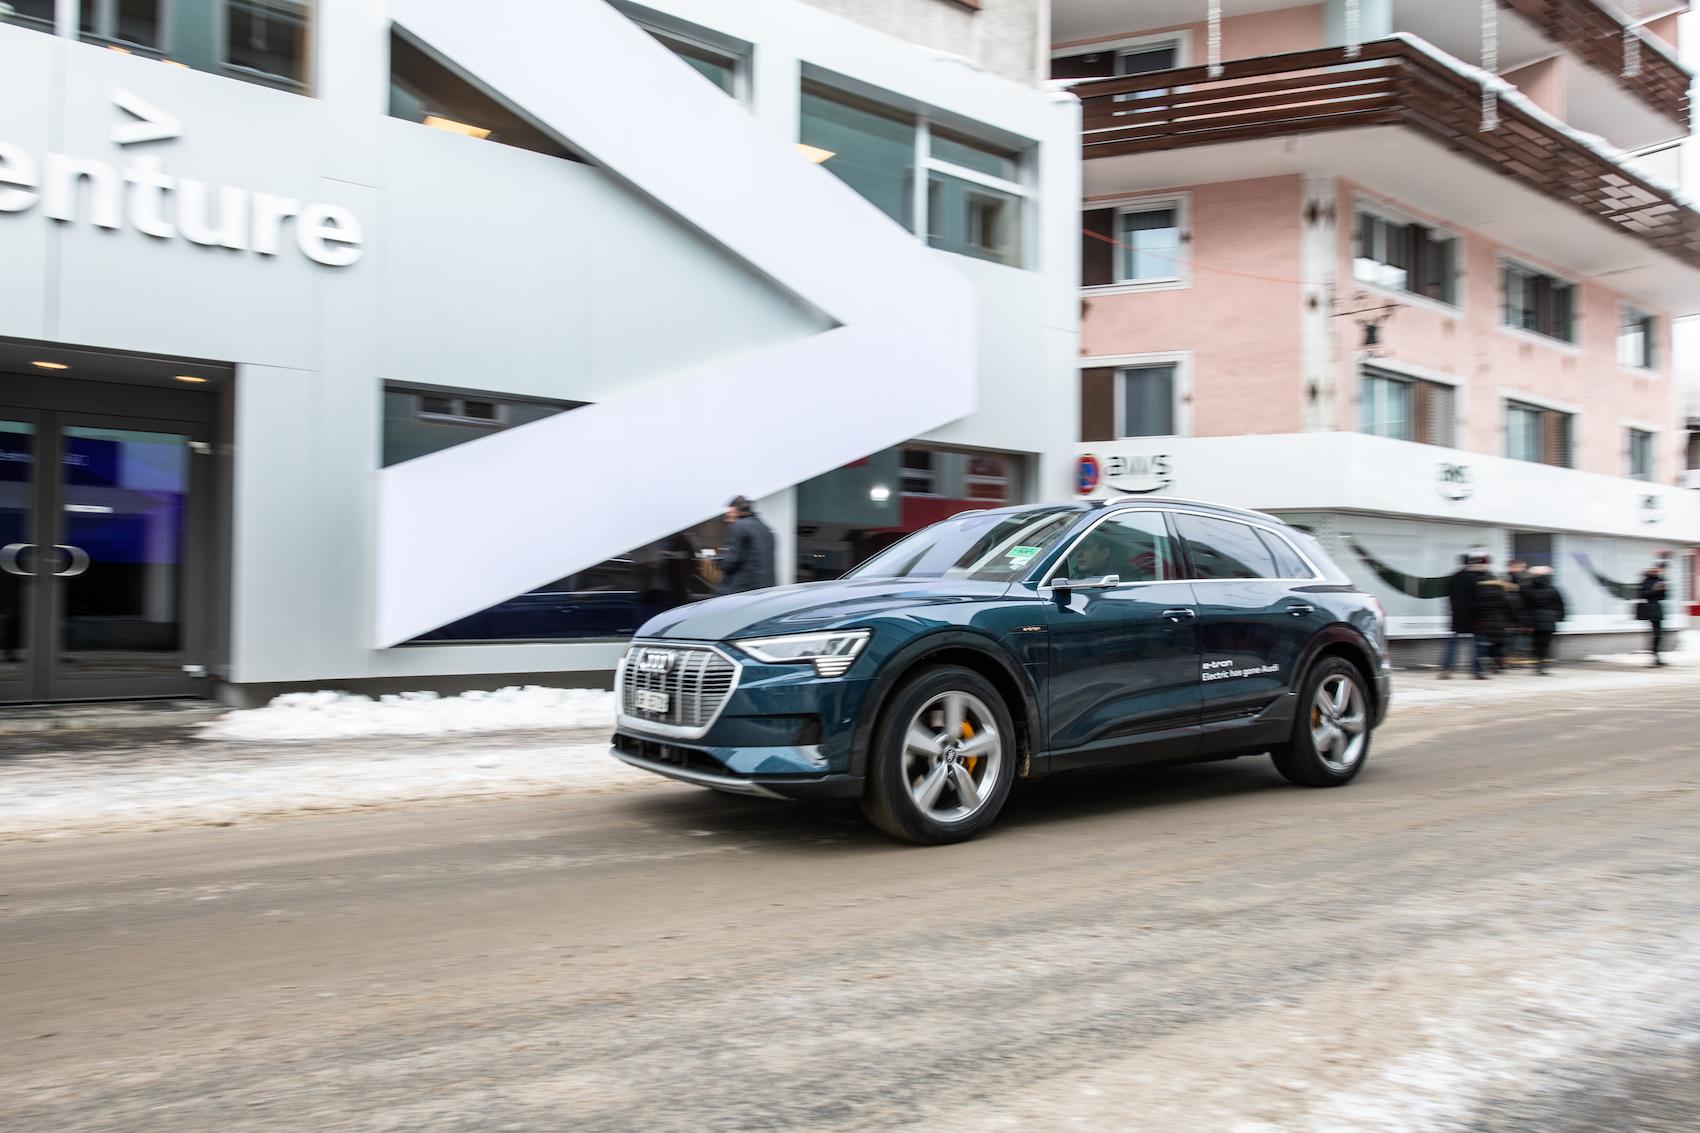 Les navettes Audi relient Davos – sans gaz d'échappement, sans bruits de moteurs. (Photo: Adrian Bretscher.)